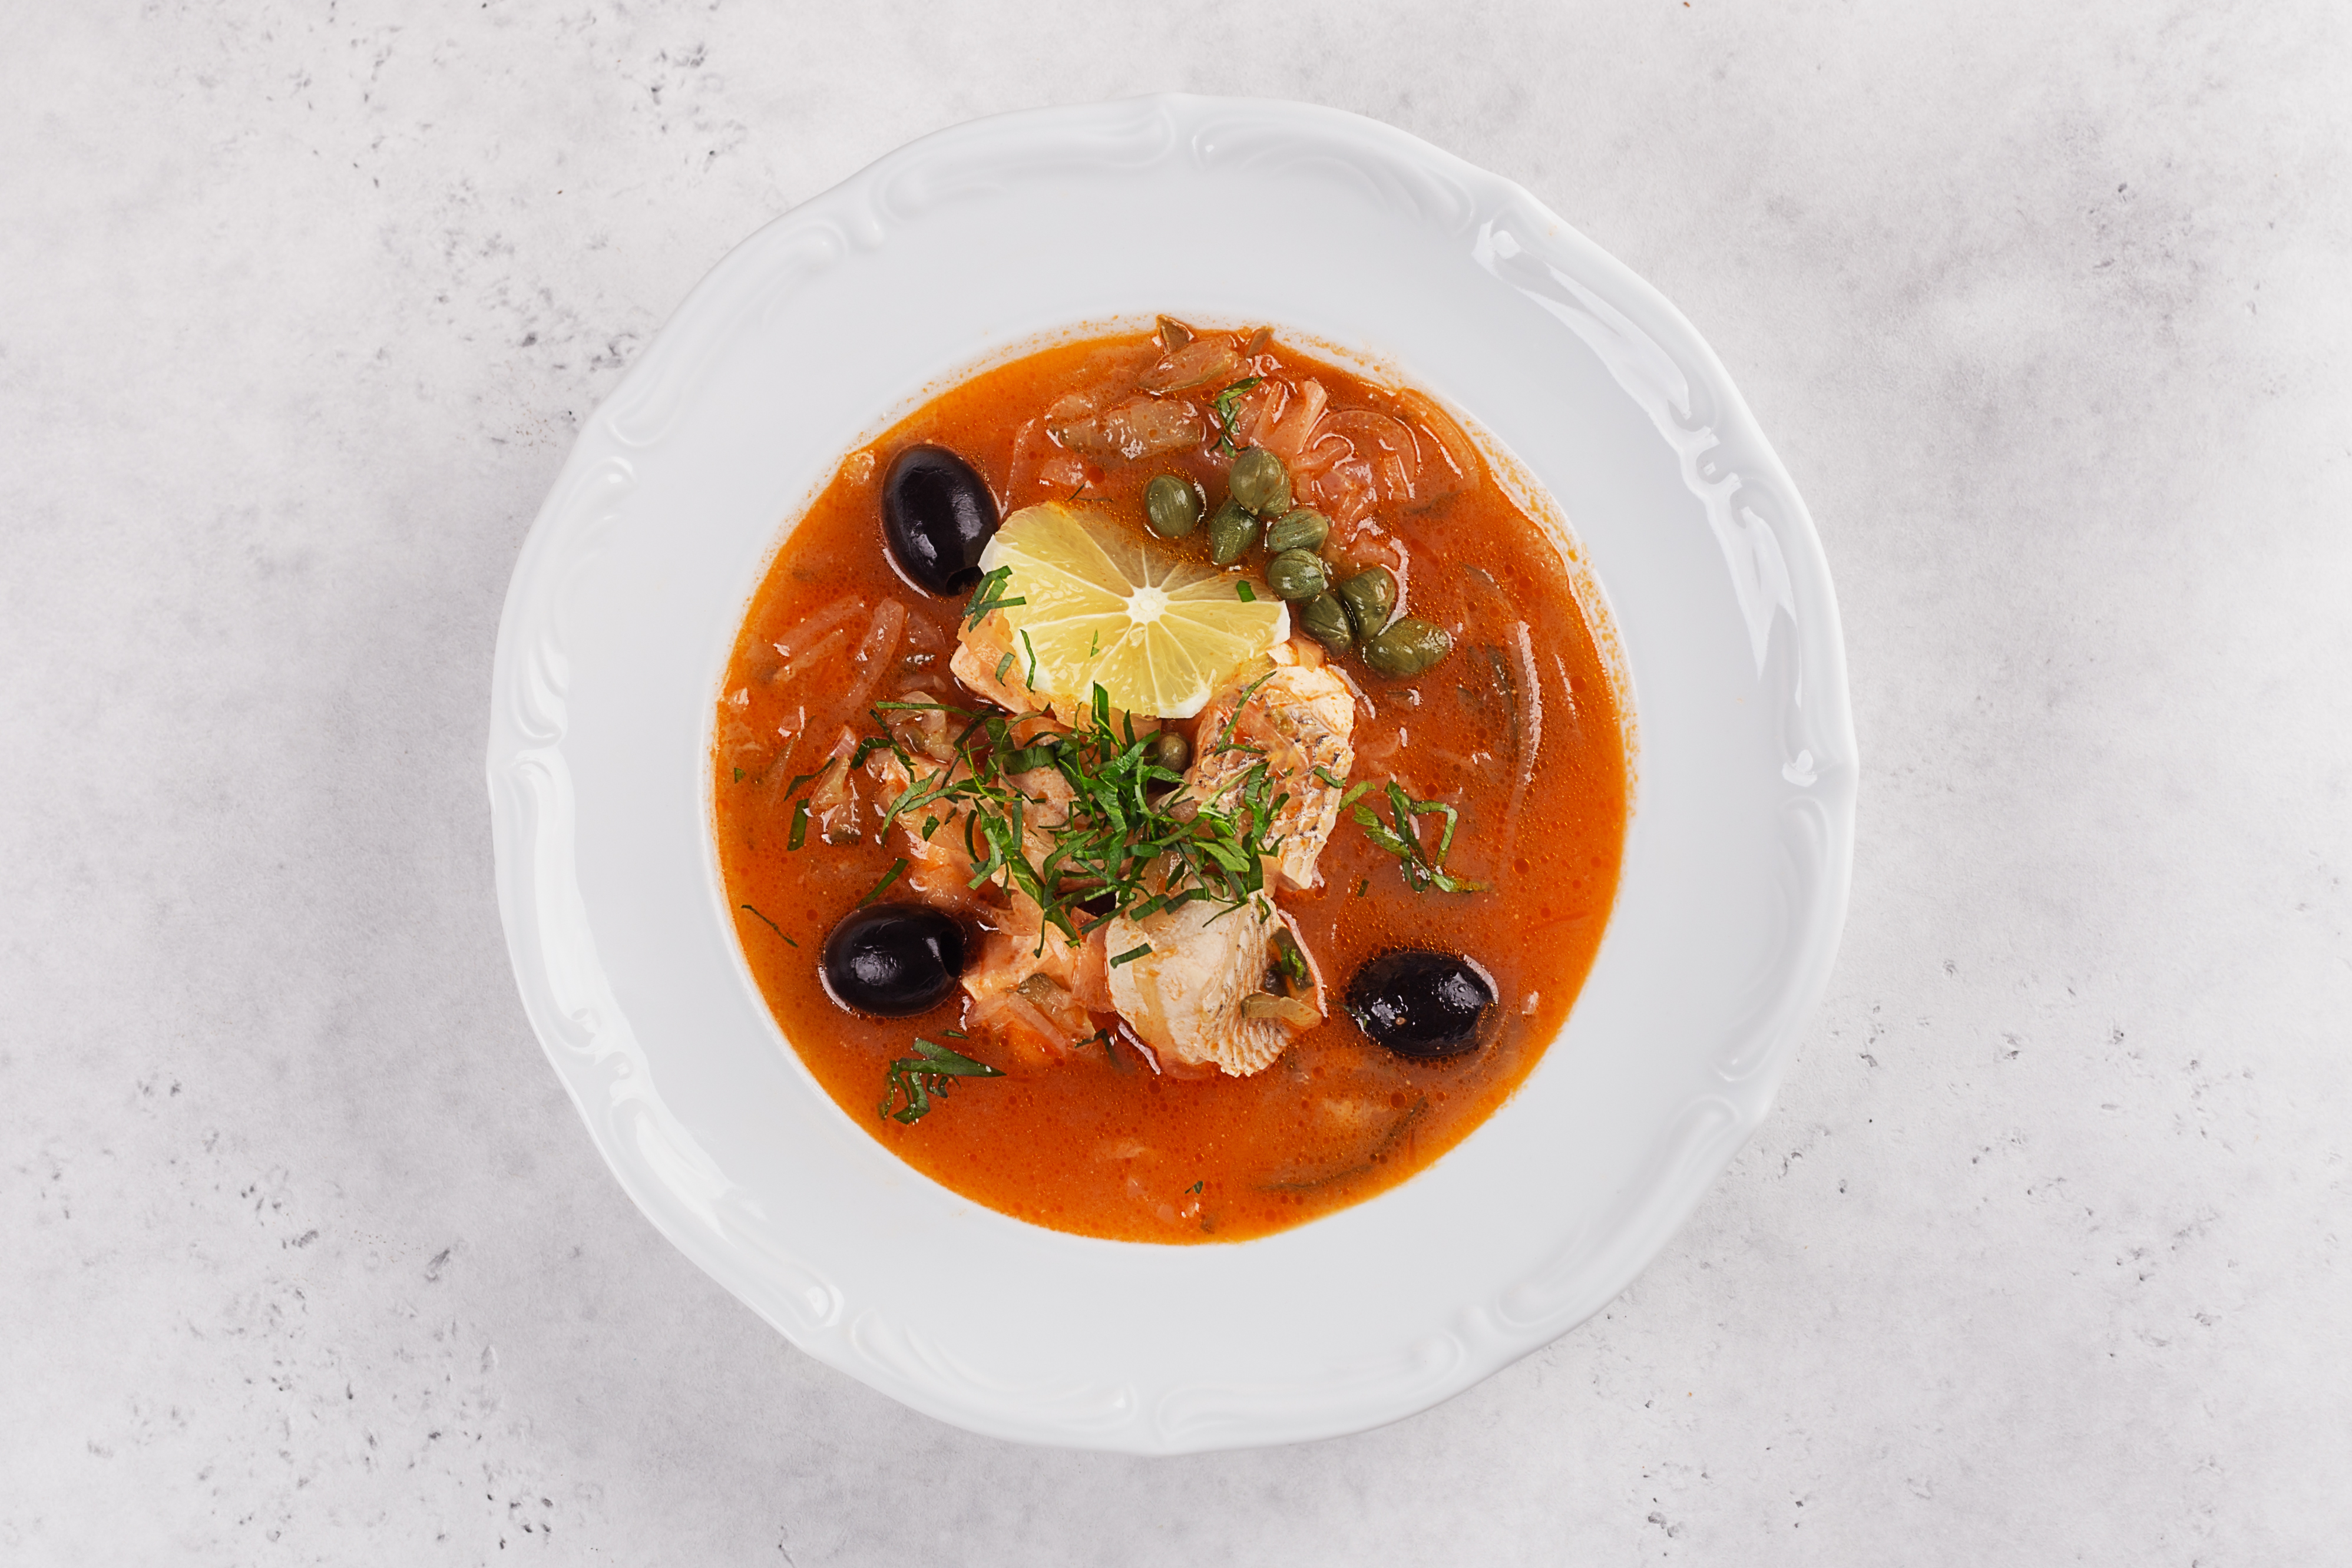 рыбная солянка рецепт приготовления фото гармонично